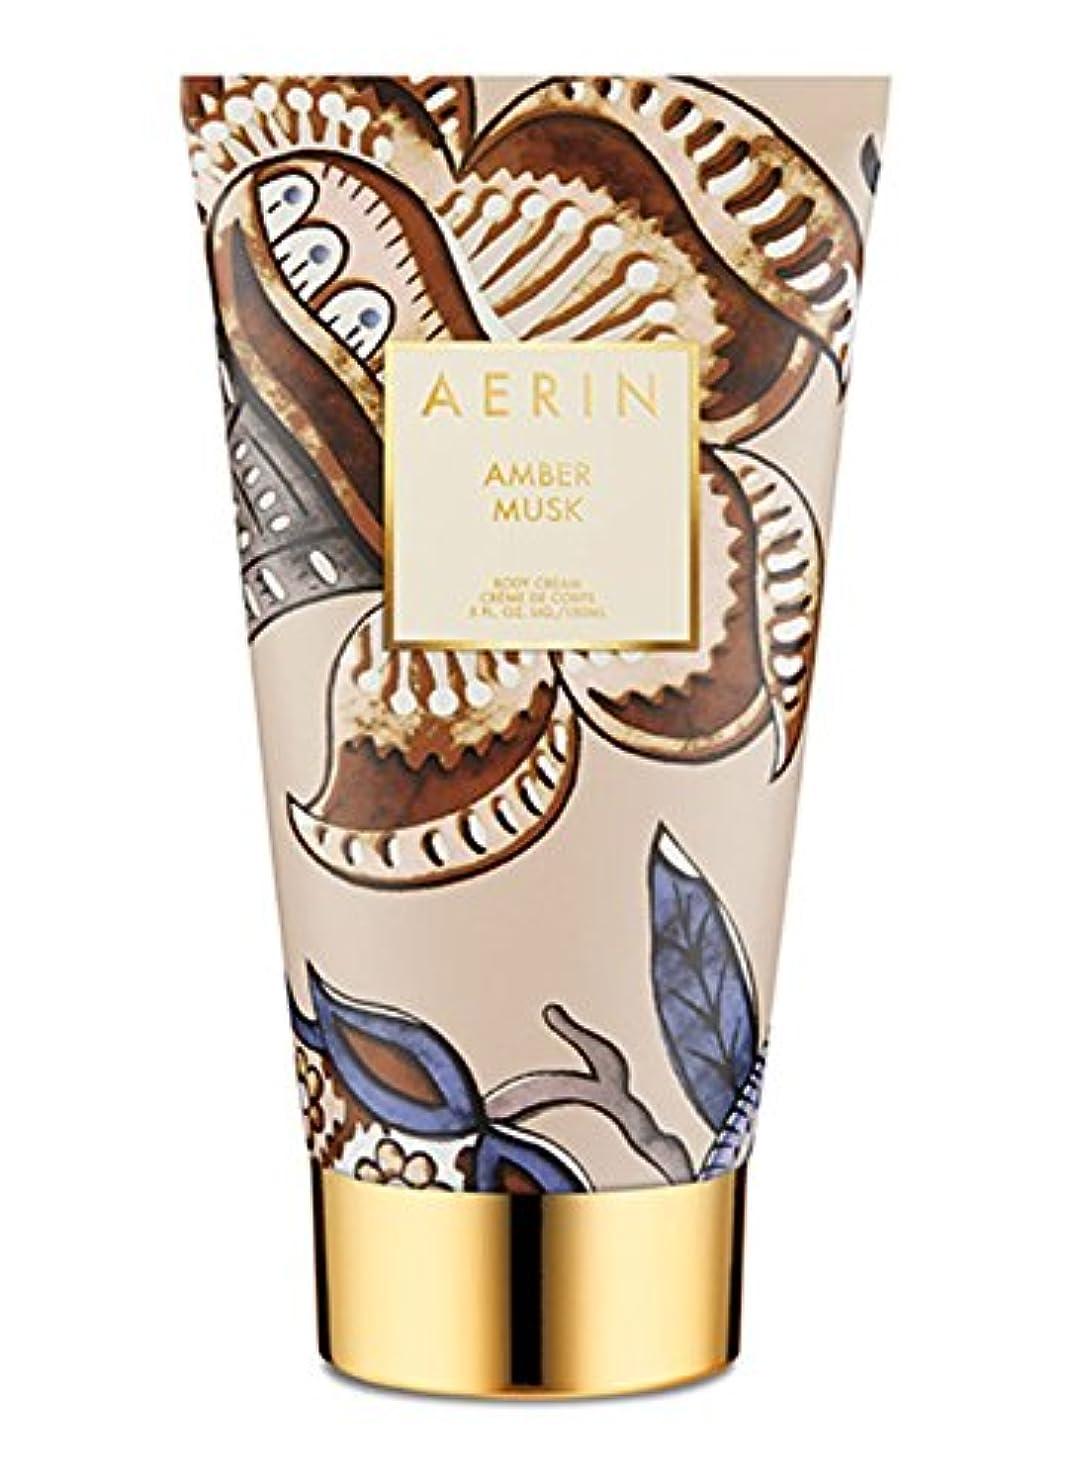 皿フィット地殻AERIN 'Amber Musk' (アエリン アンバームスク) 5.0 oz (150ml) Body Cream ボディークリーム by Estee Lauder for Women